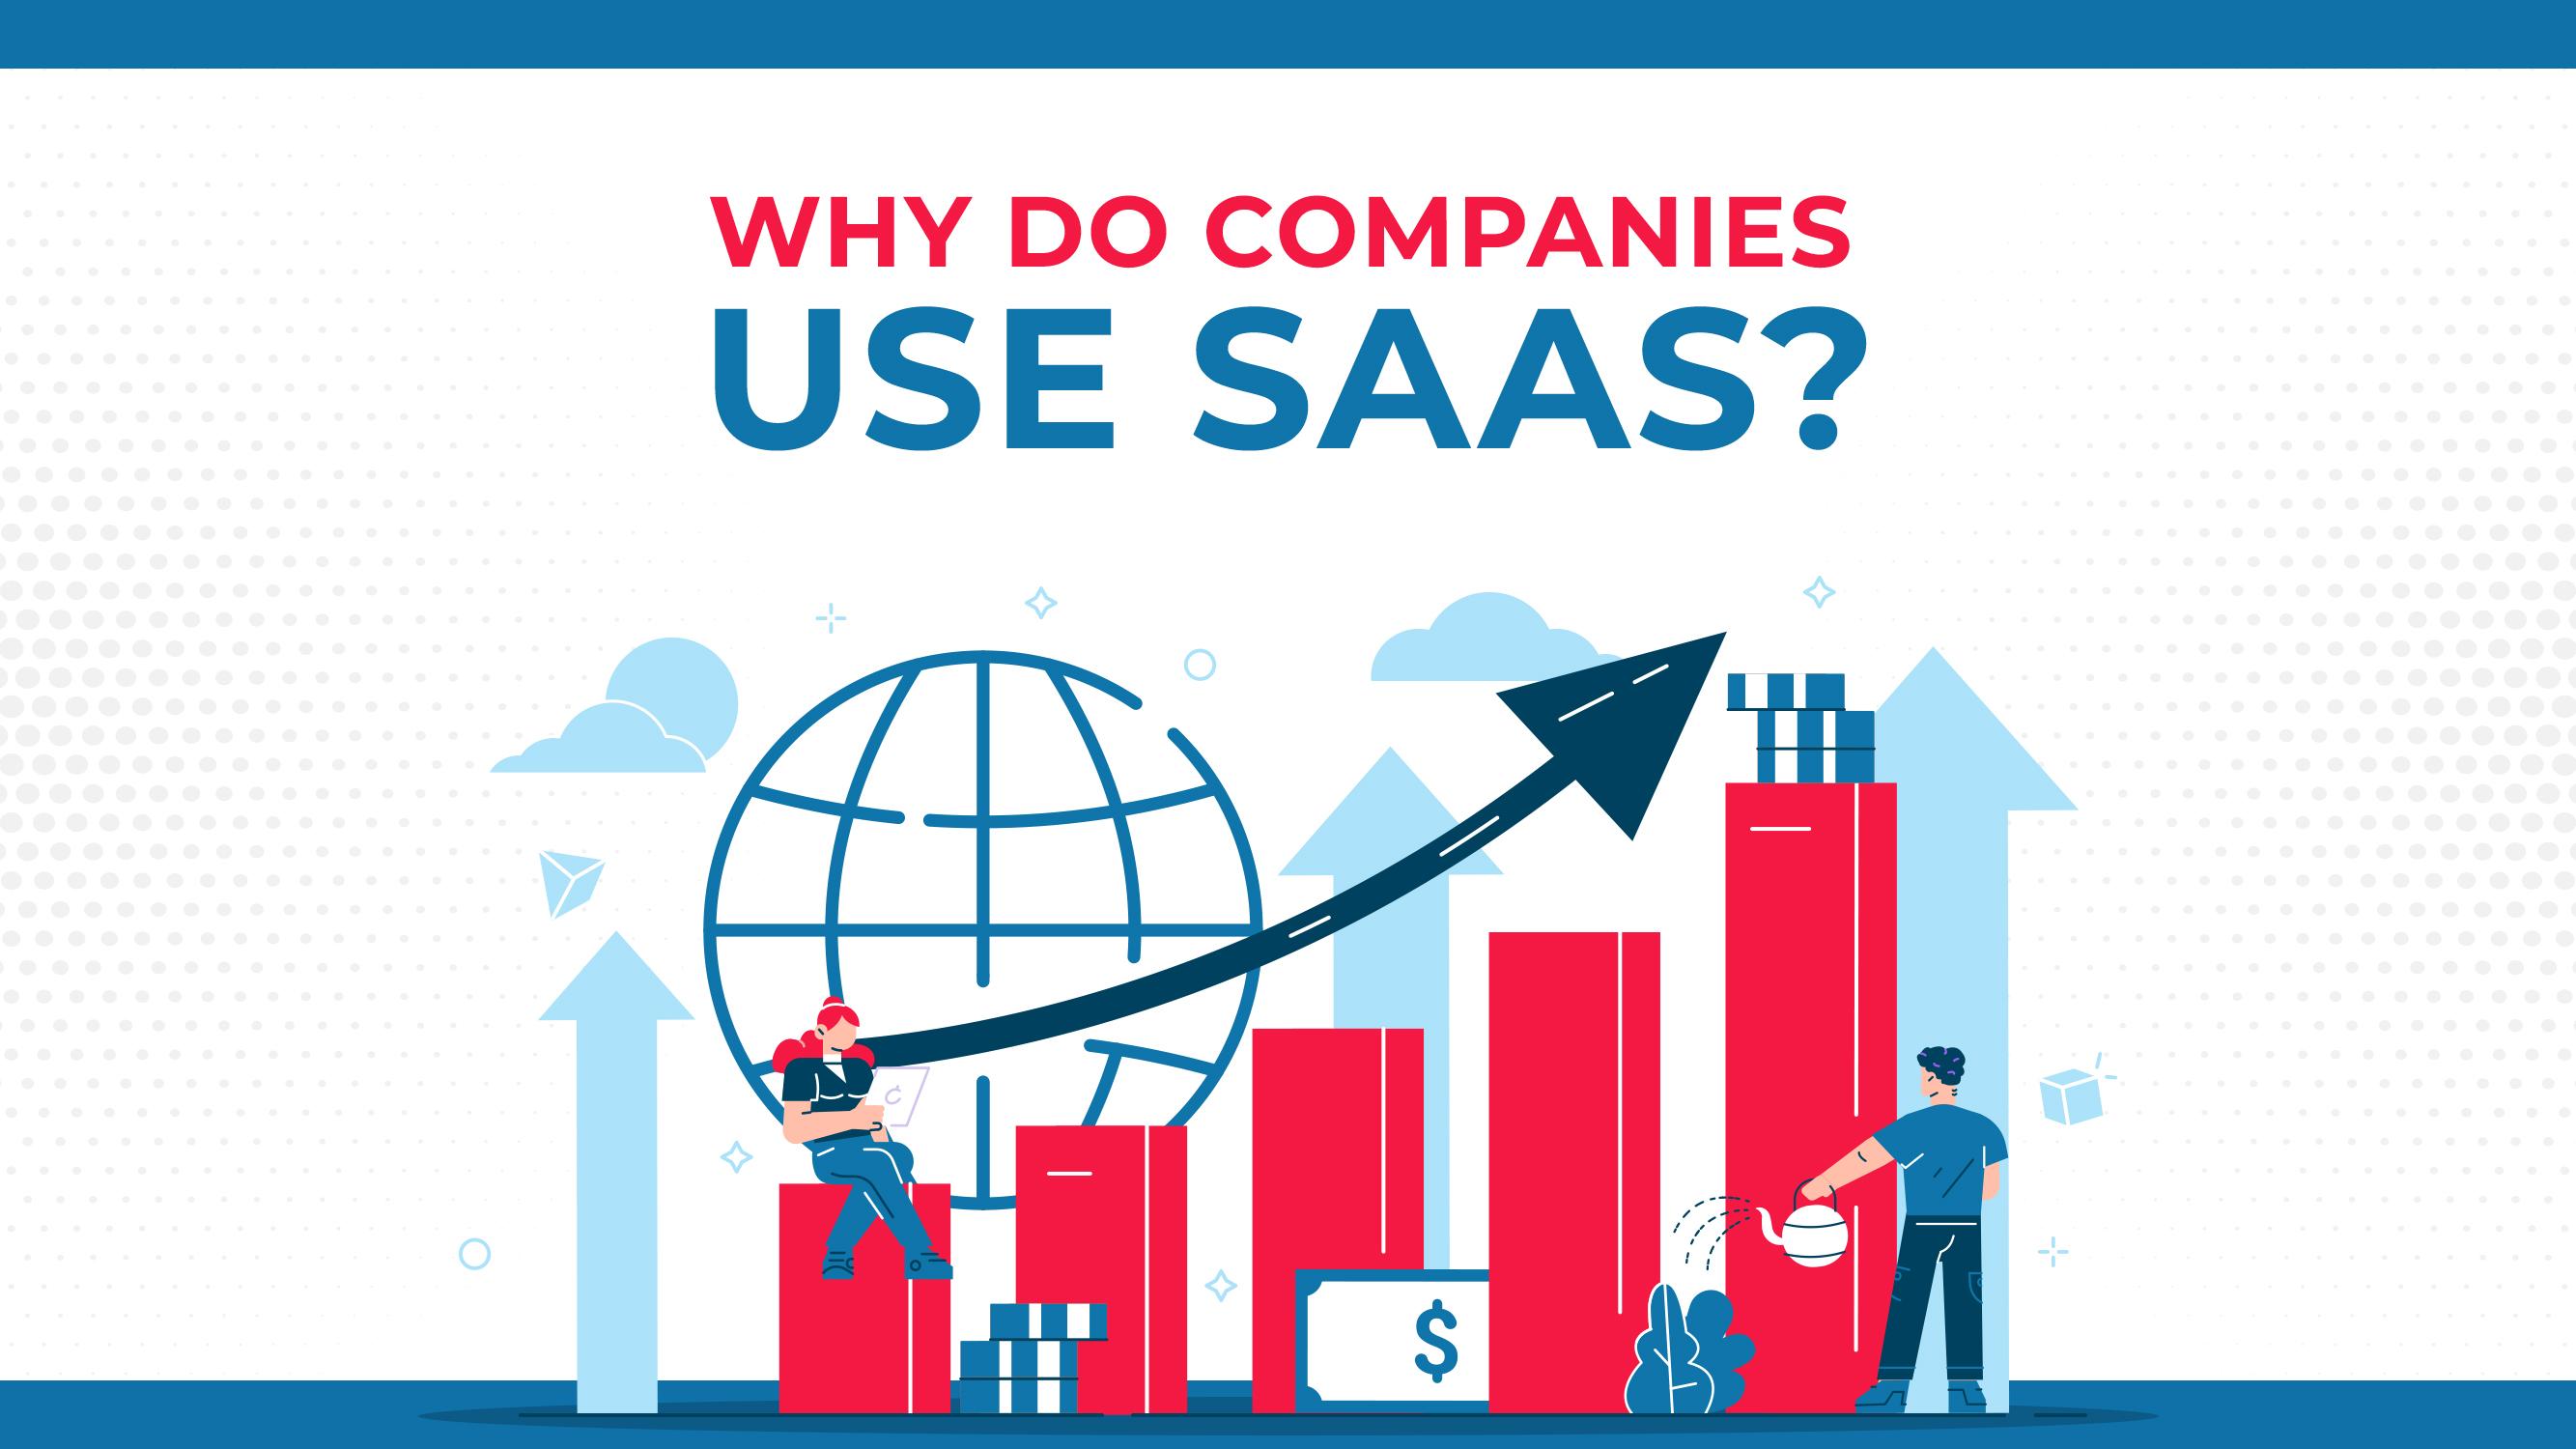 ¿Por qué las empresas utilizan el SAAS?